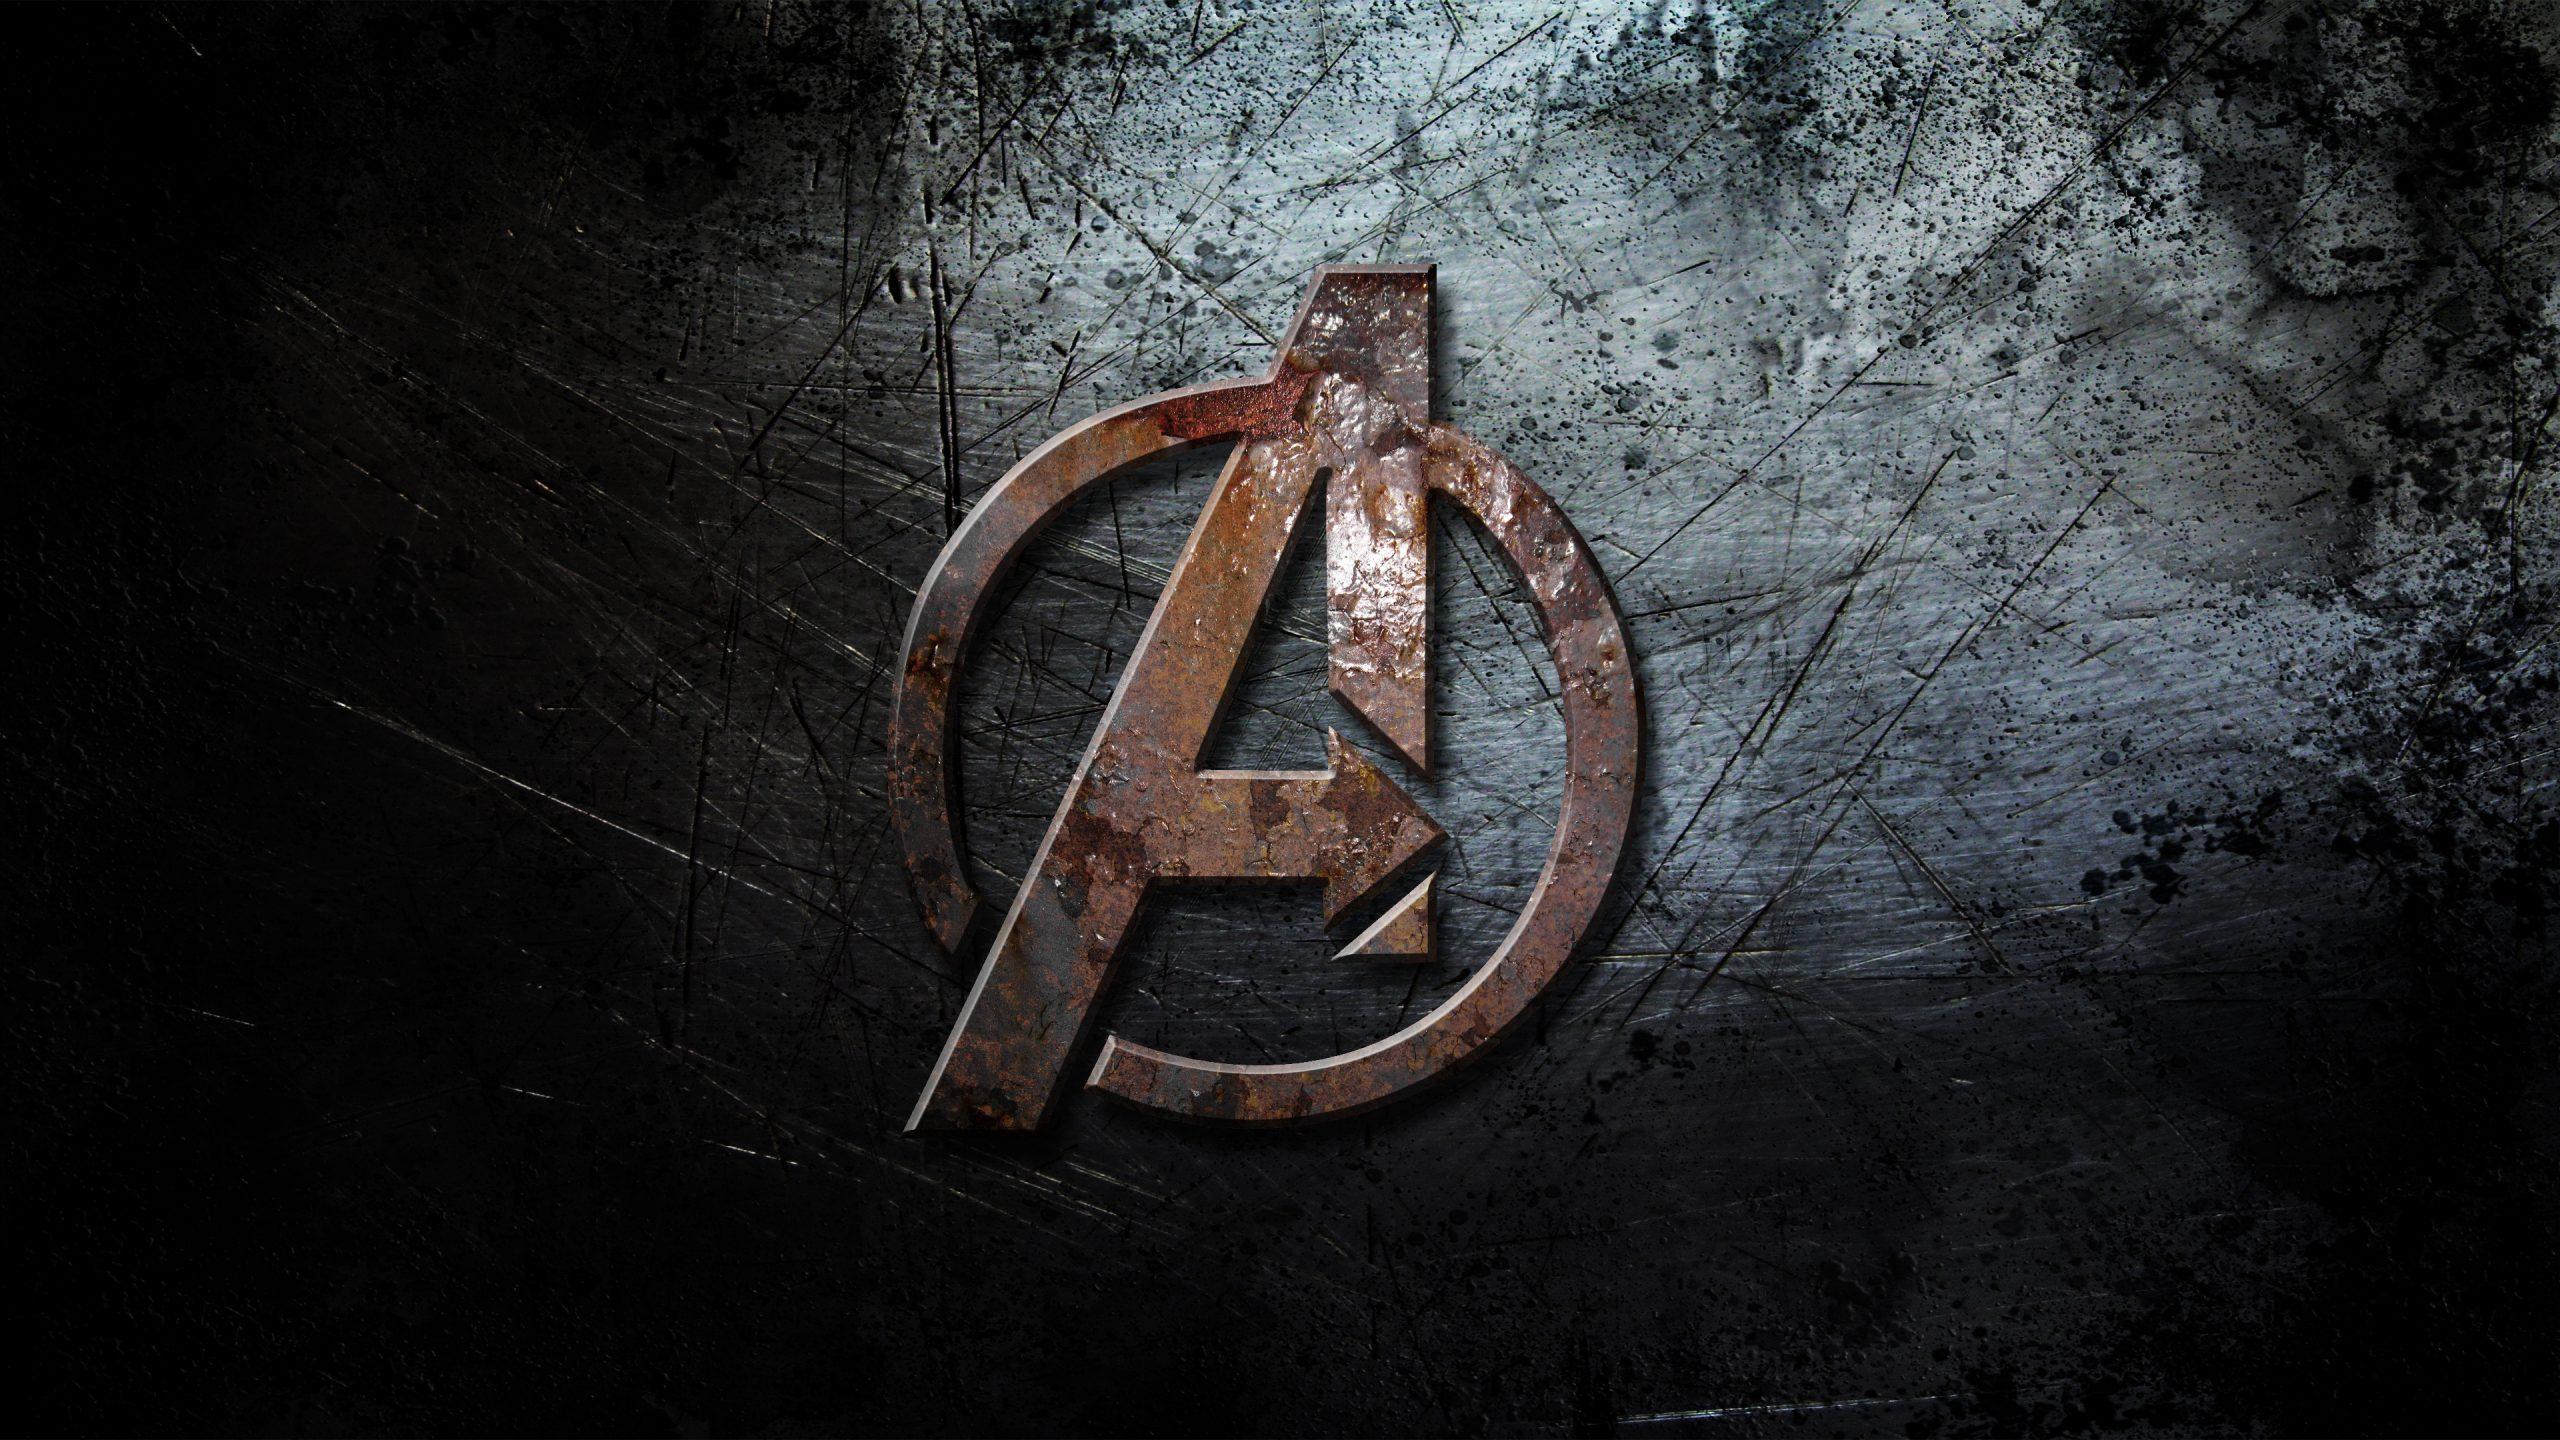 Letest Top10 Hate Love Wallpaper In Hd Or Widescreen: Avengers Logo 4K UHD Wallpaper